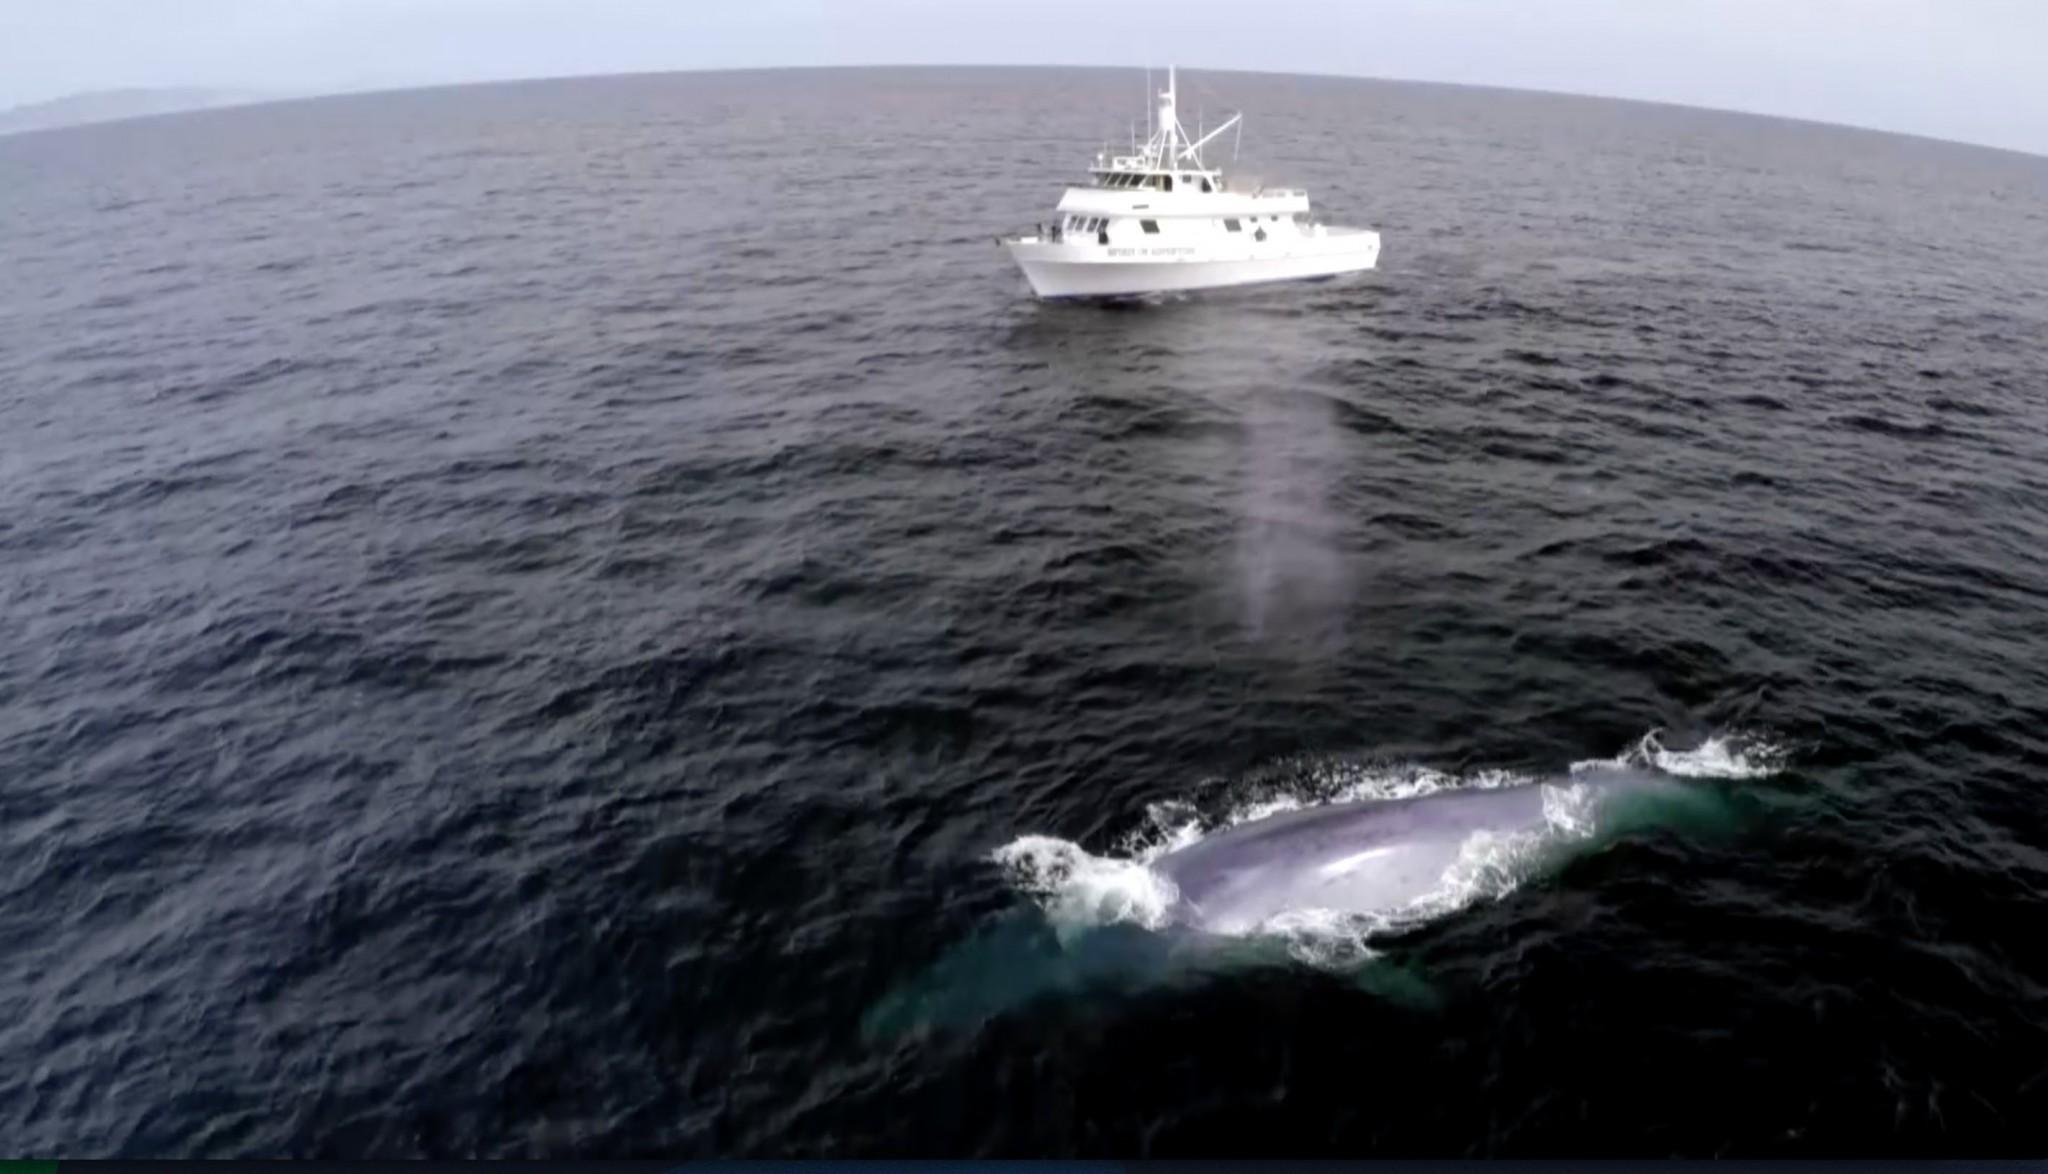 شاهد كيف ظهر هذا الحوت الضخم في الوقت المناسب